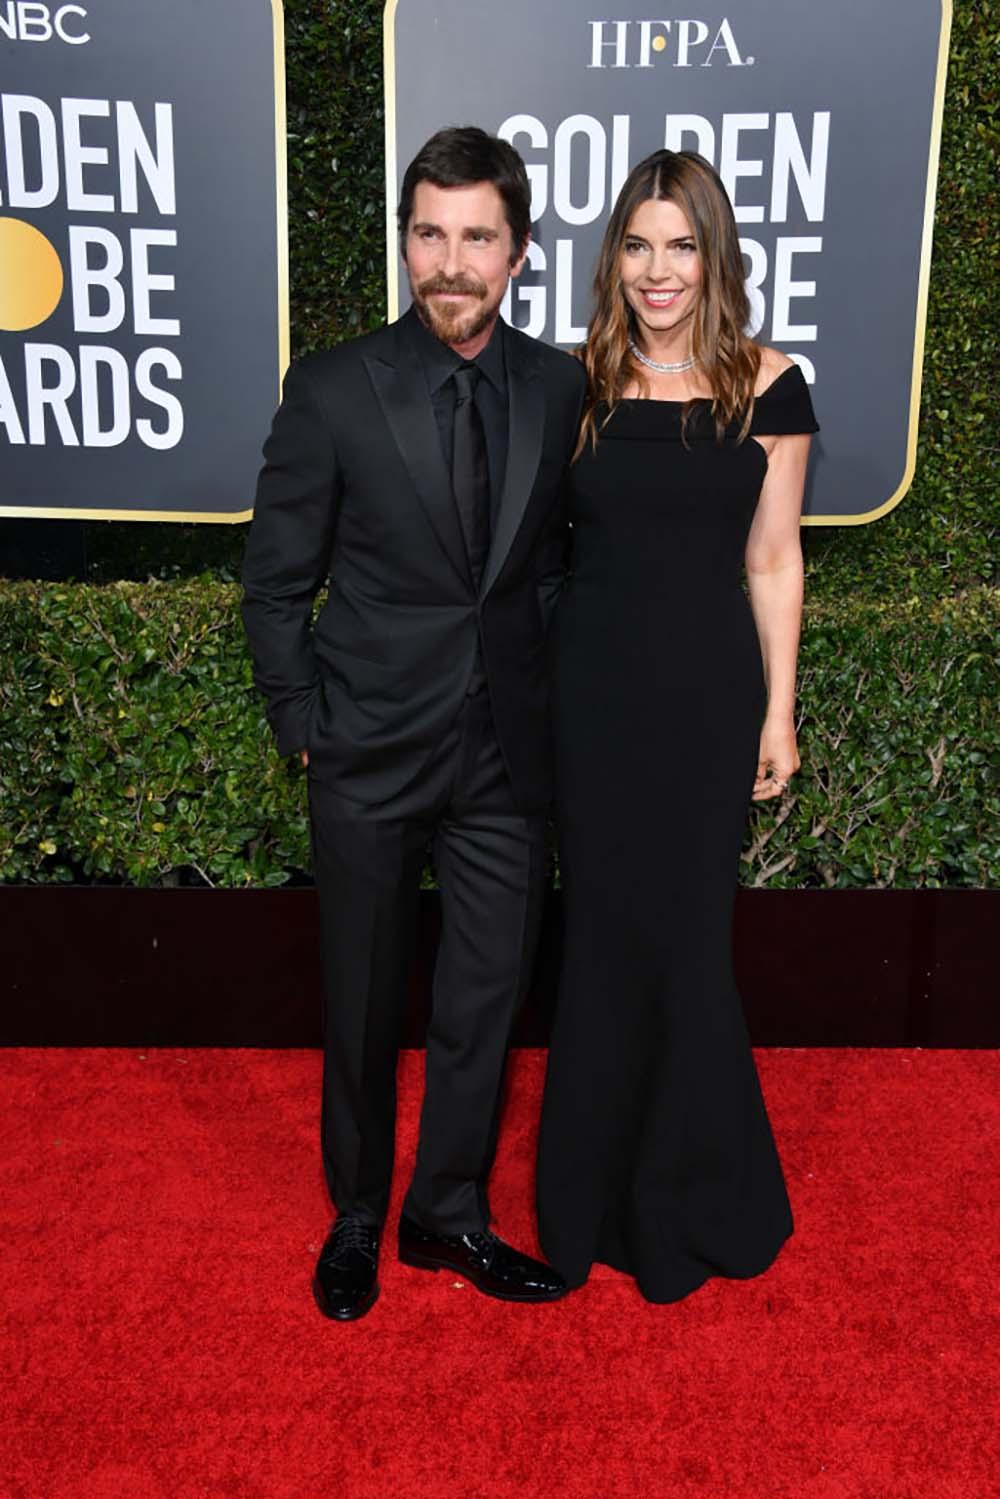 Christian-Bale-Golden-Globes